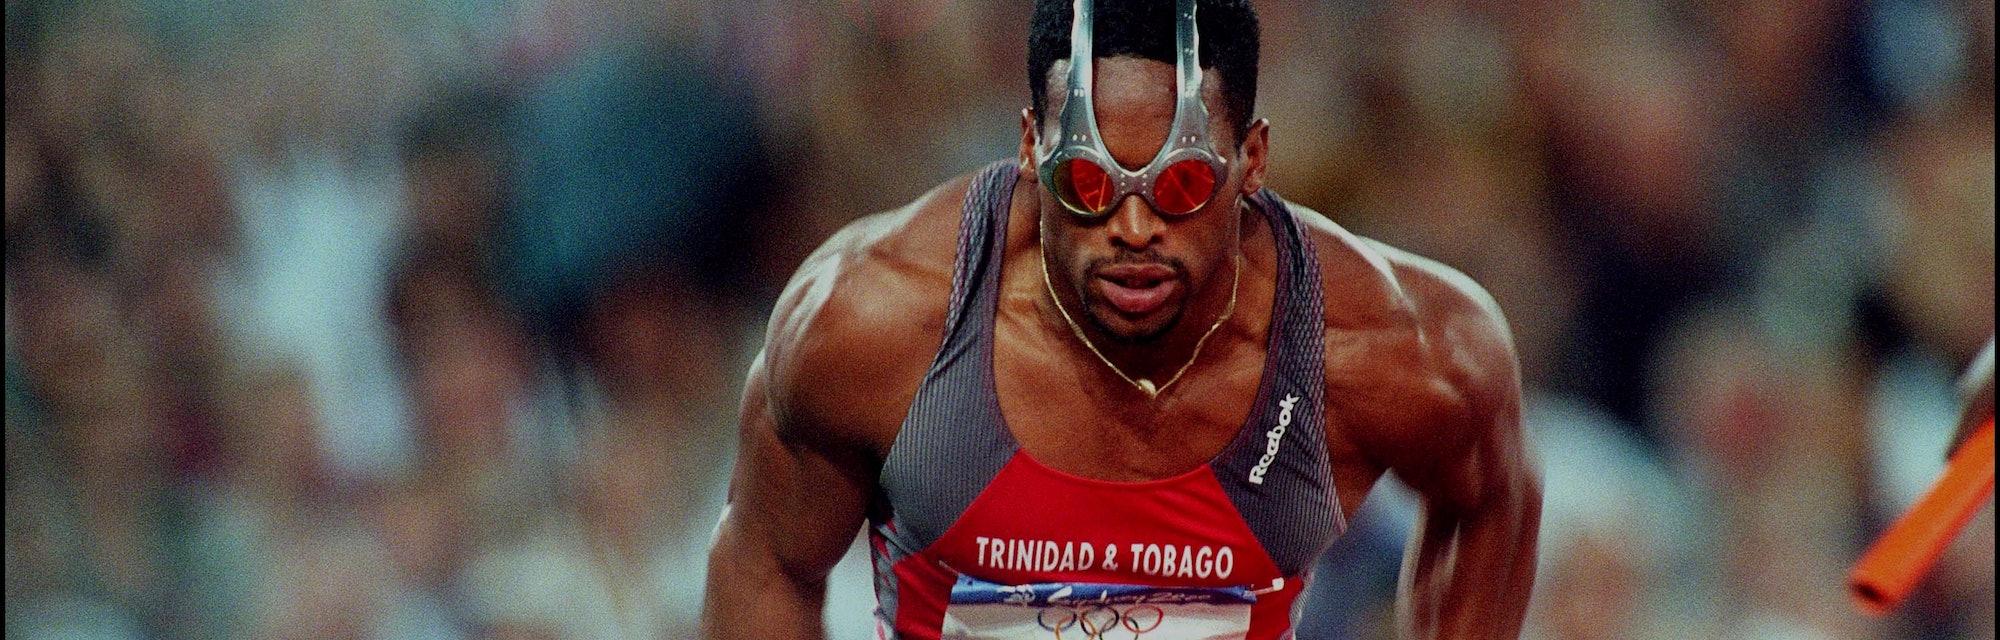 Trinidadian sprinter Ato Boldon